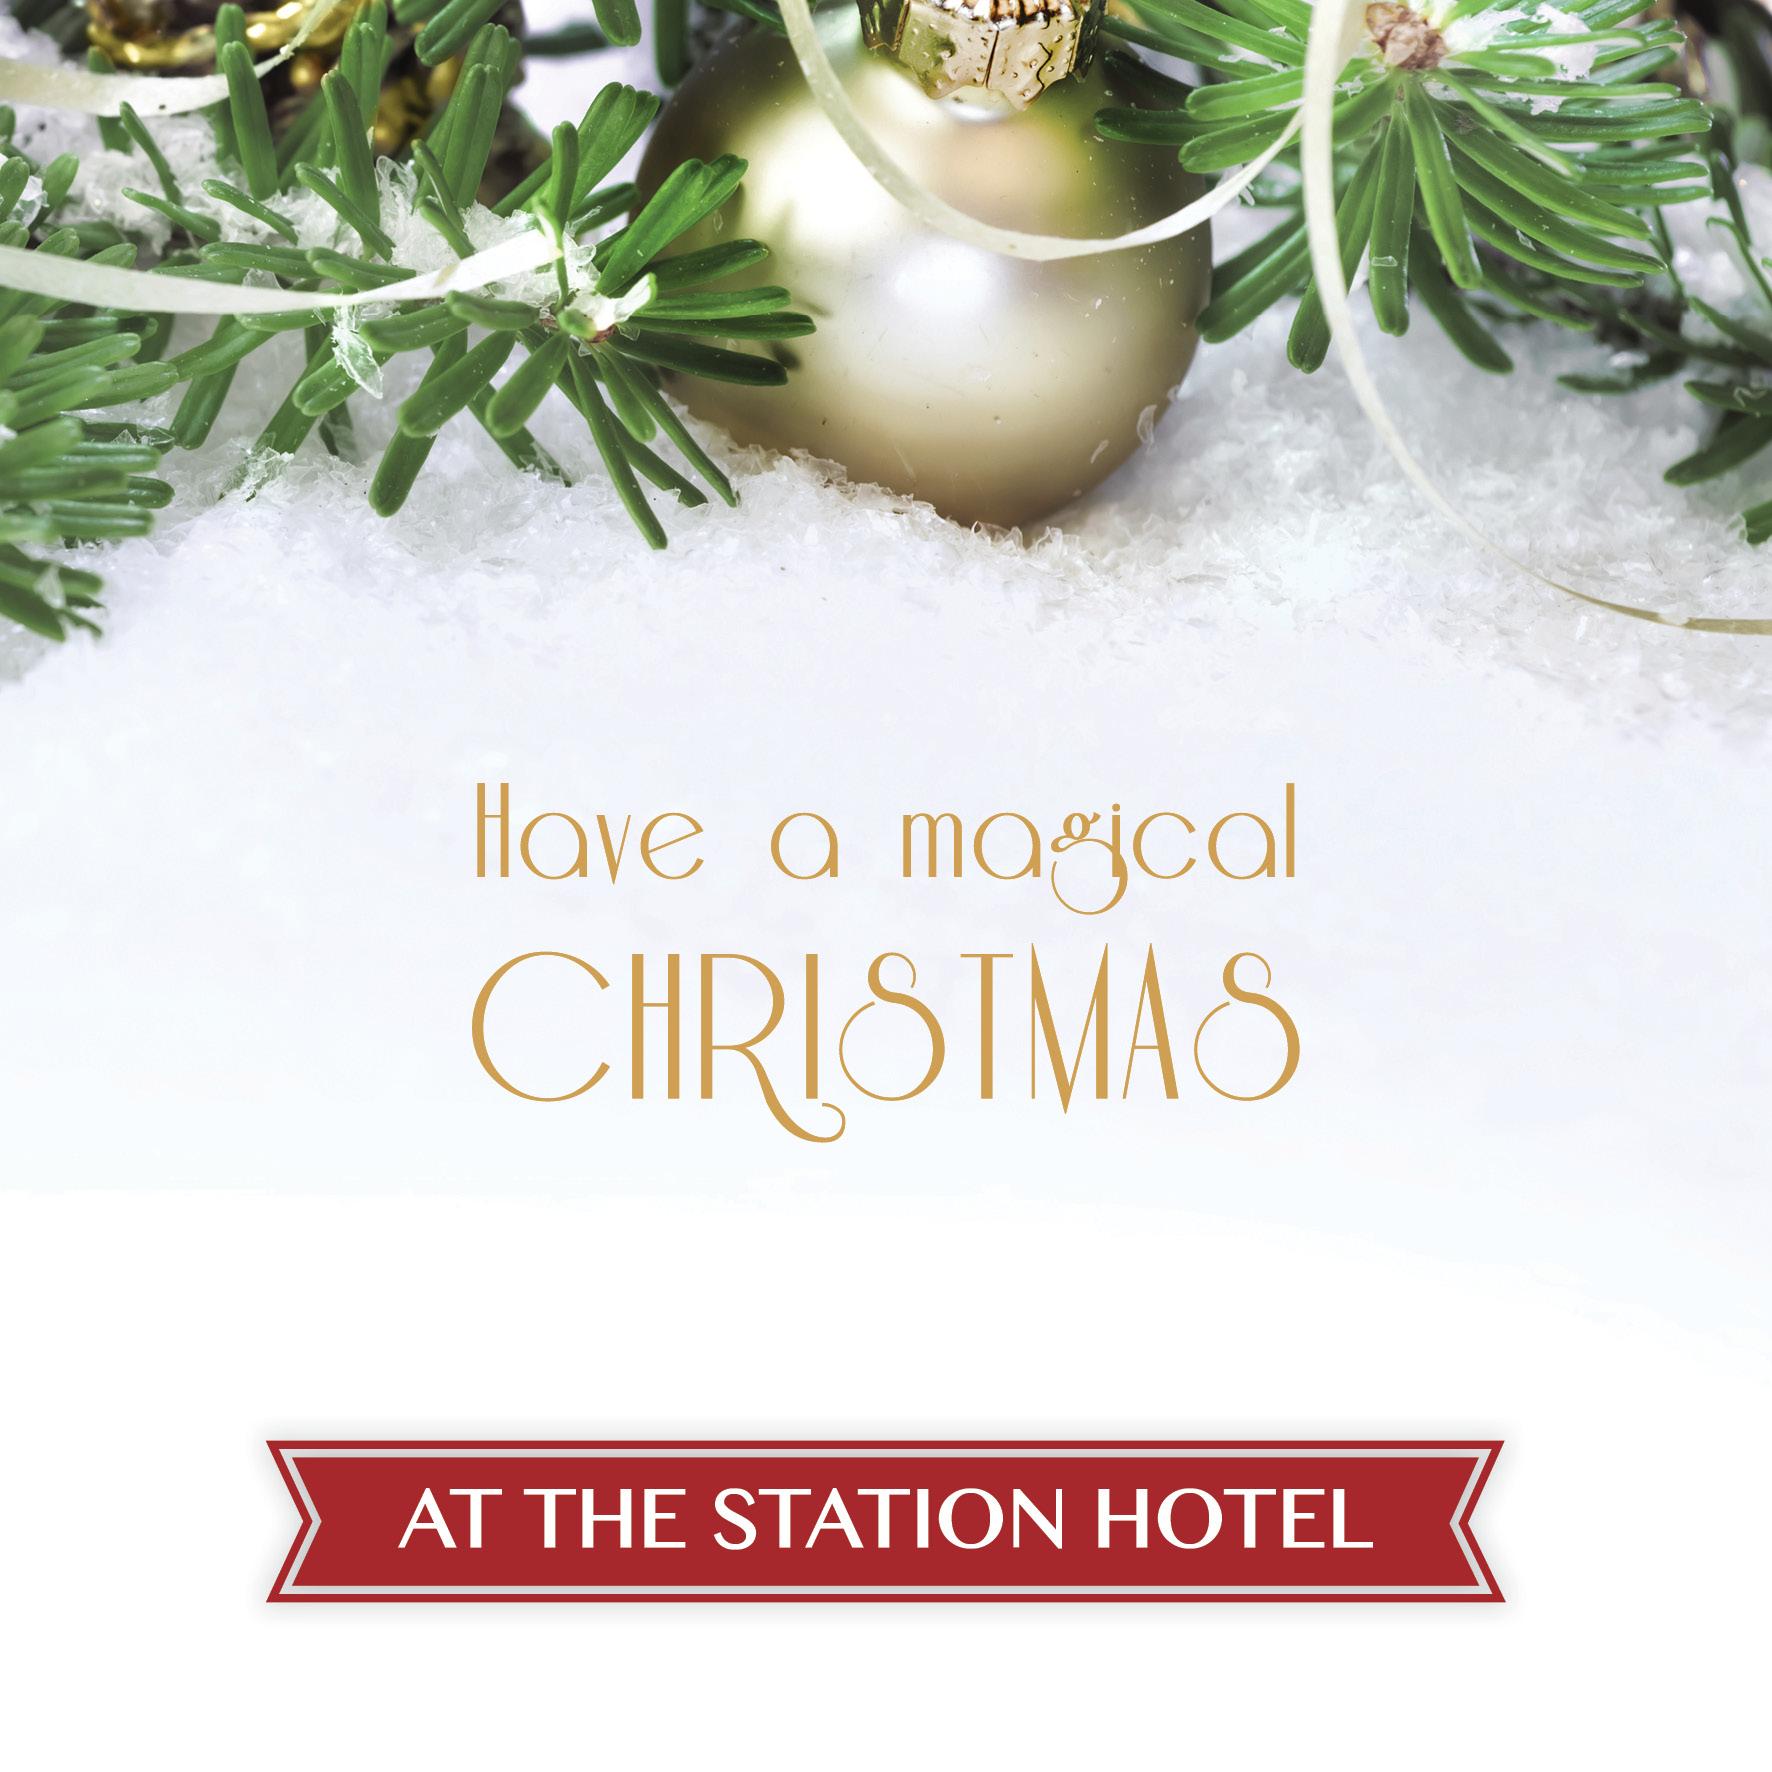 Station Hotel Festive Lft_Web